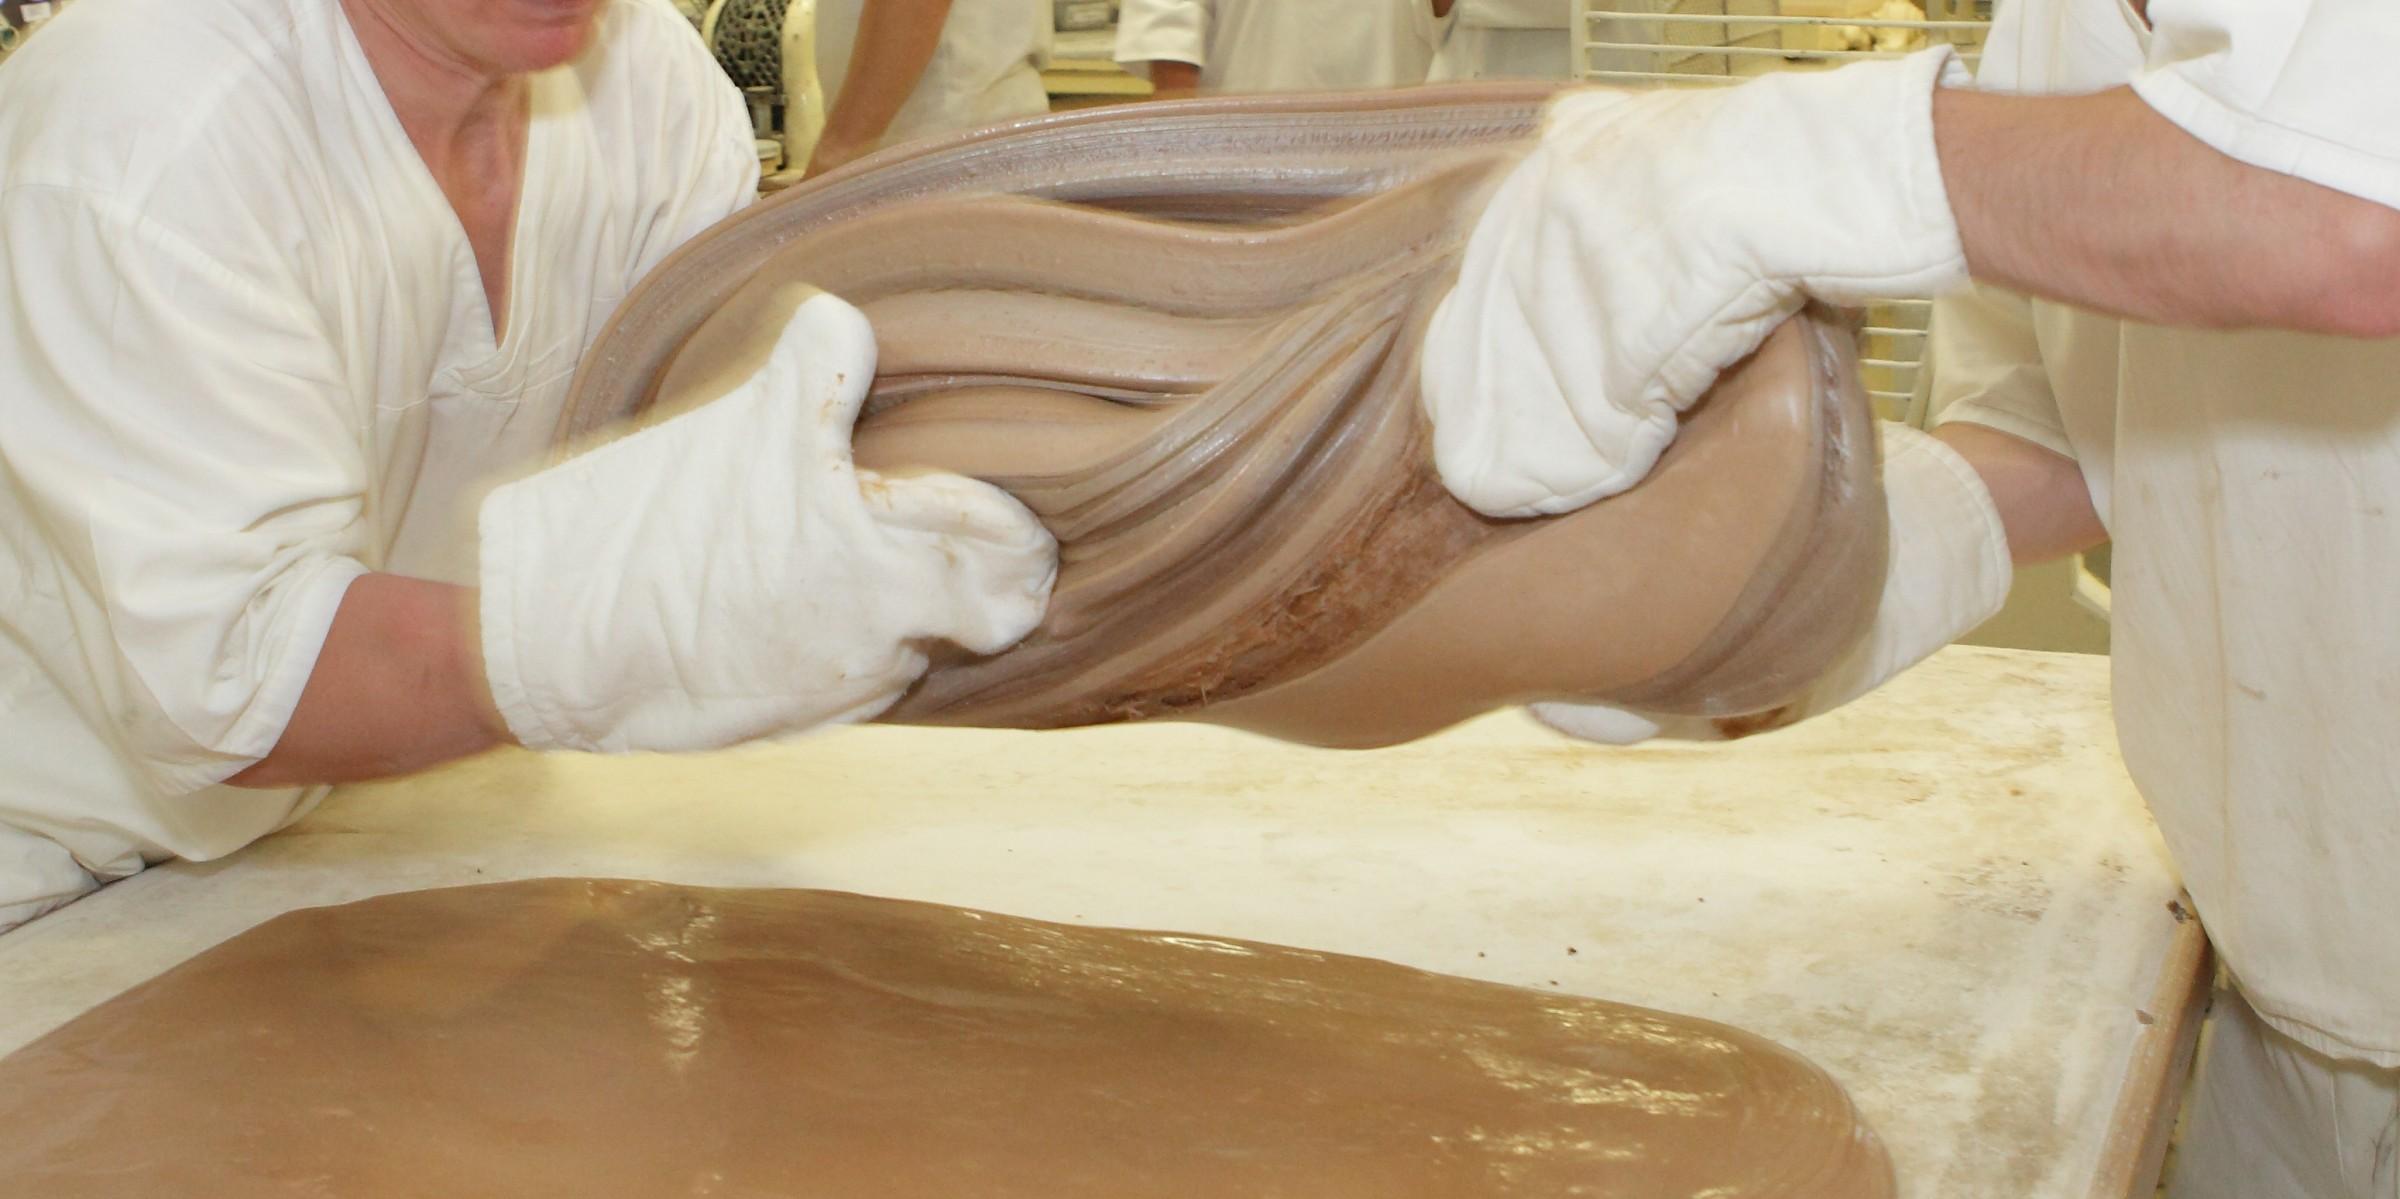 Badanie Wawel: Polacy chętnie sięgają po produkty wytwarzane ręcznie